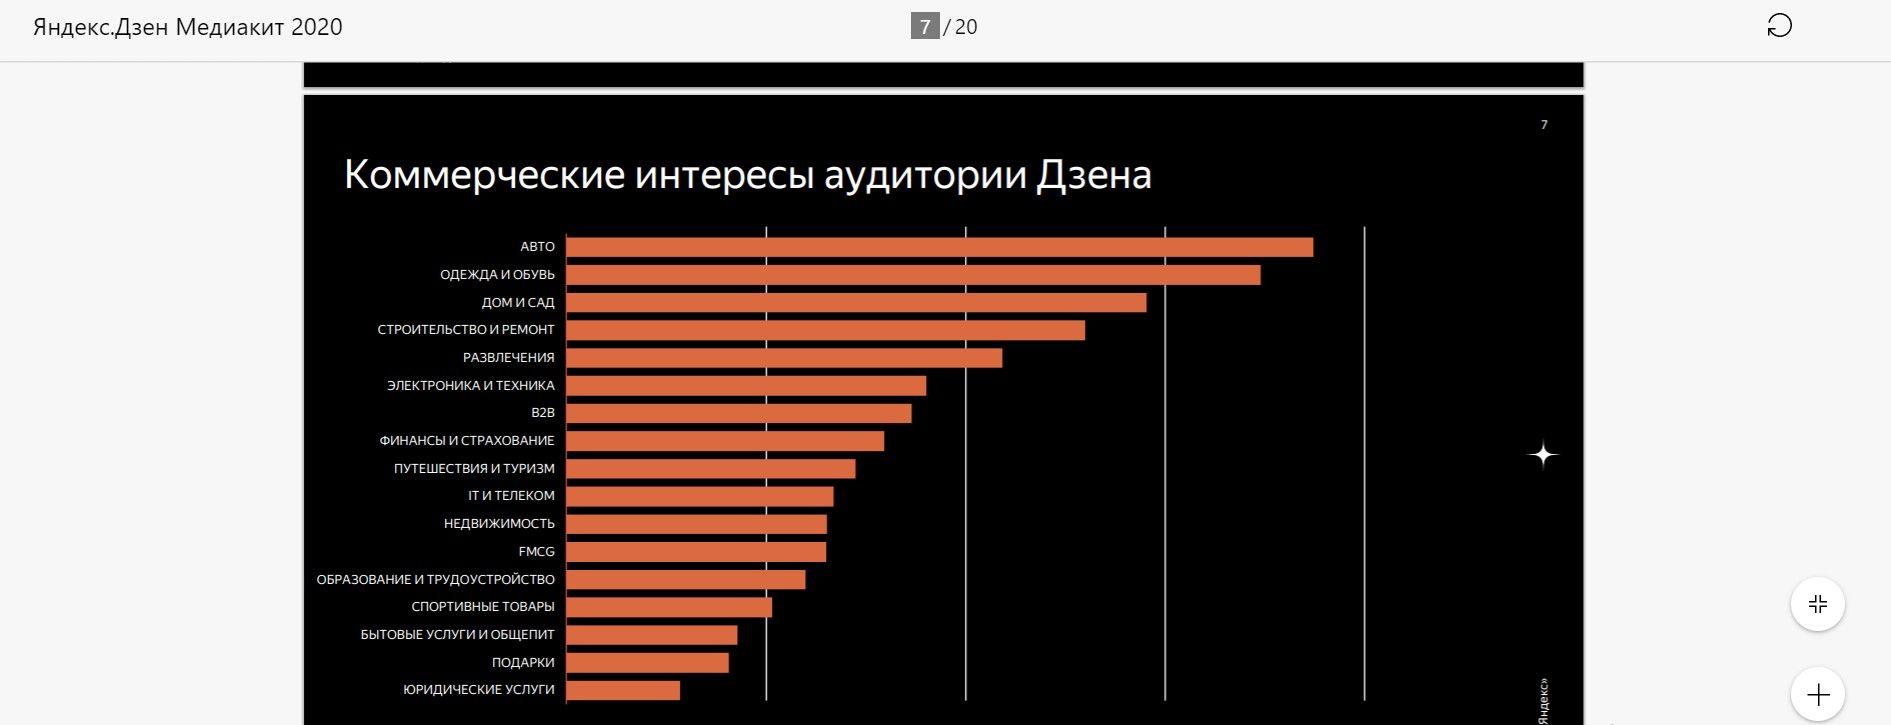 Коммерческие интересы аудитории Яндекс.Дзена в 2020 году были разнообразны